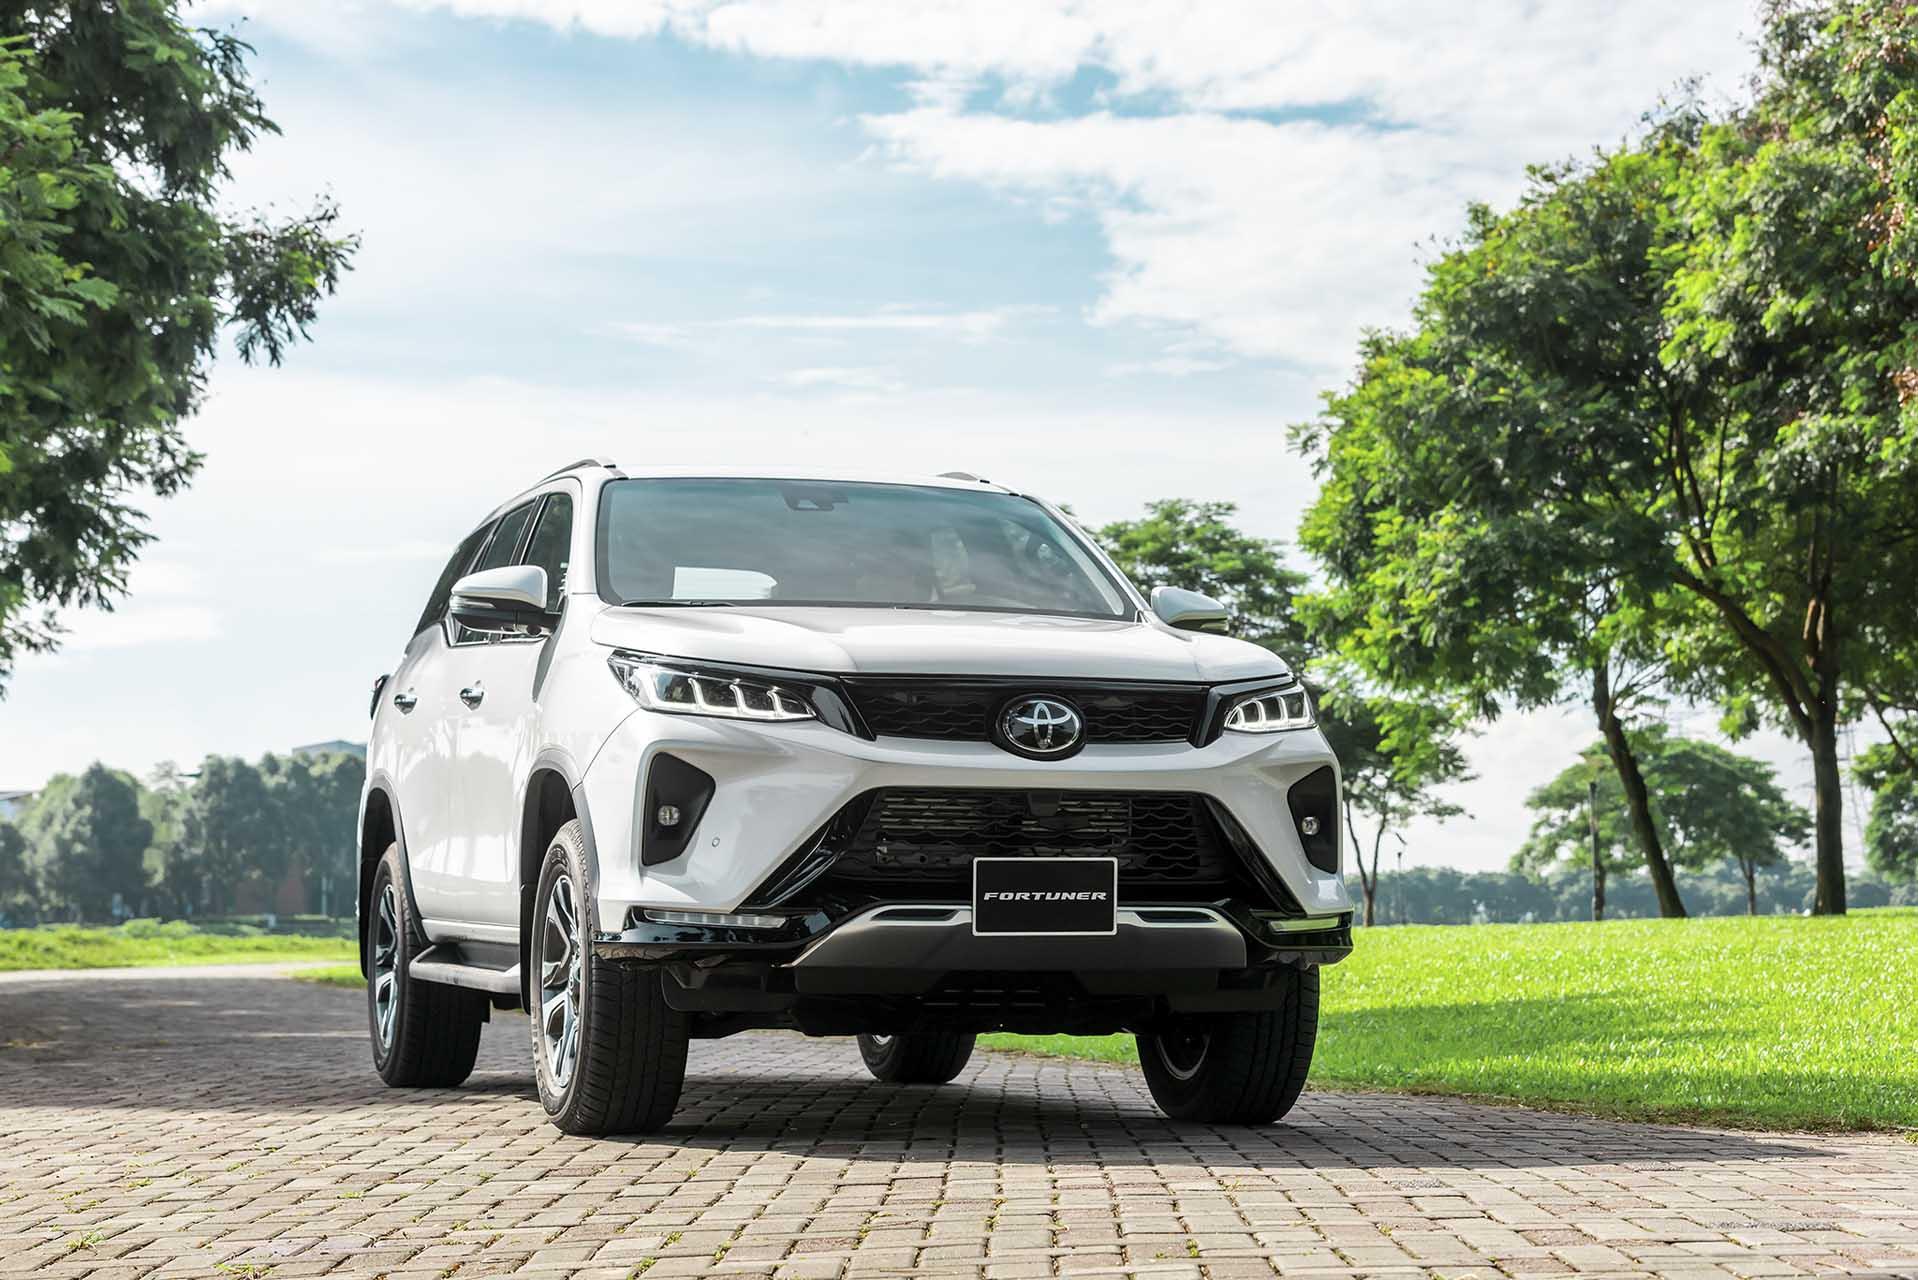 Toyota Fortuner 2020 ra mắt: Bổ sung trang bị, giảm giá bán